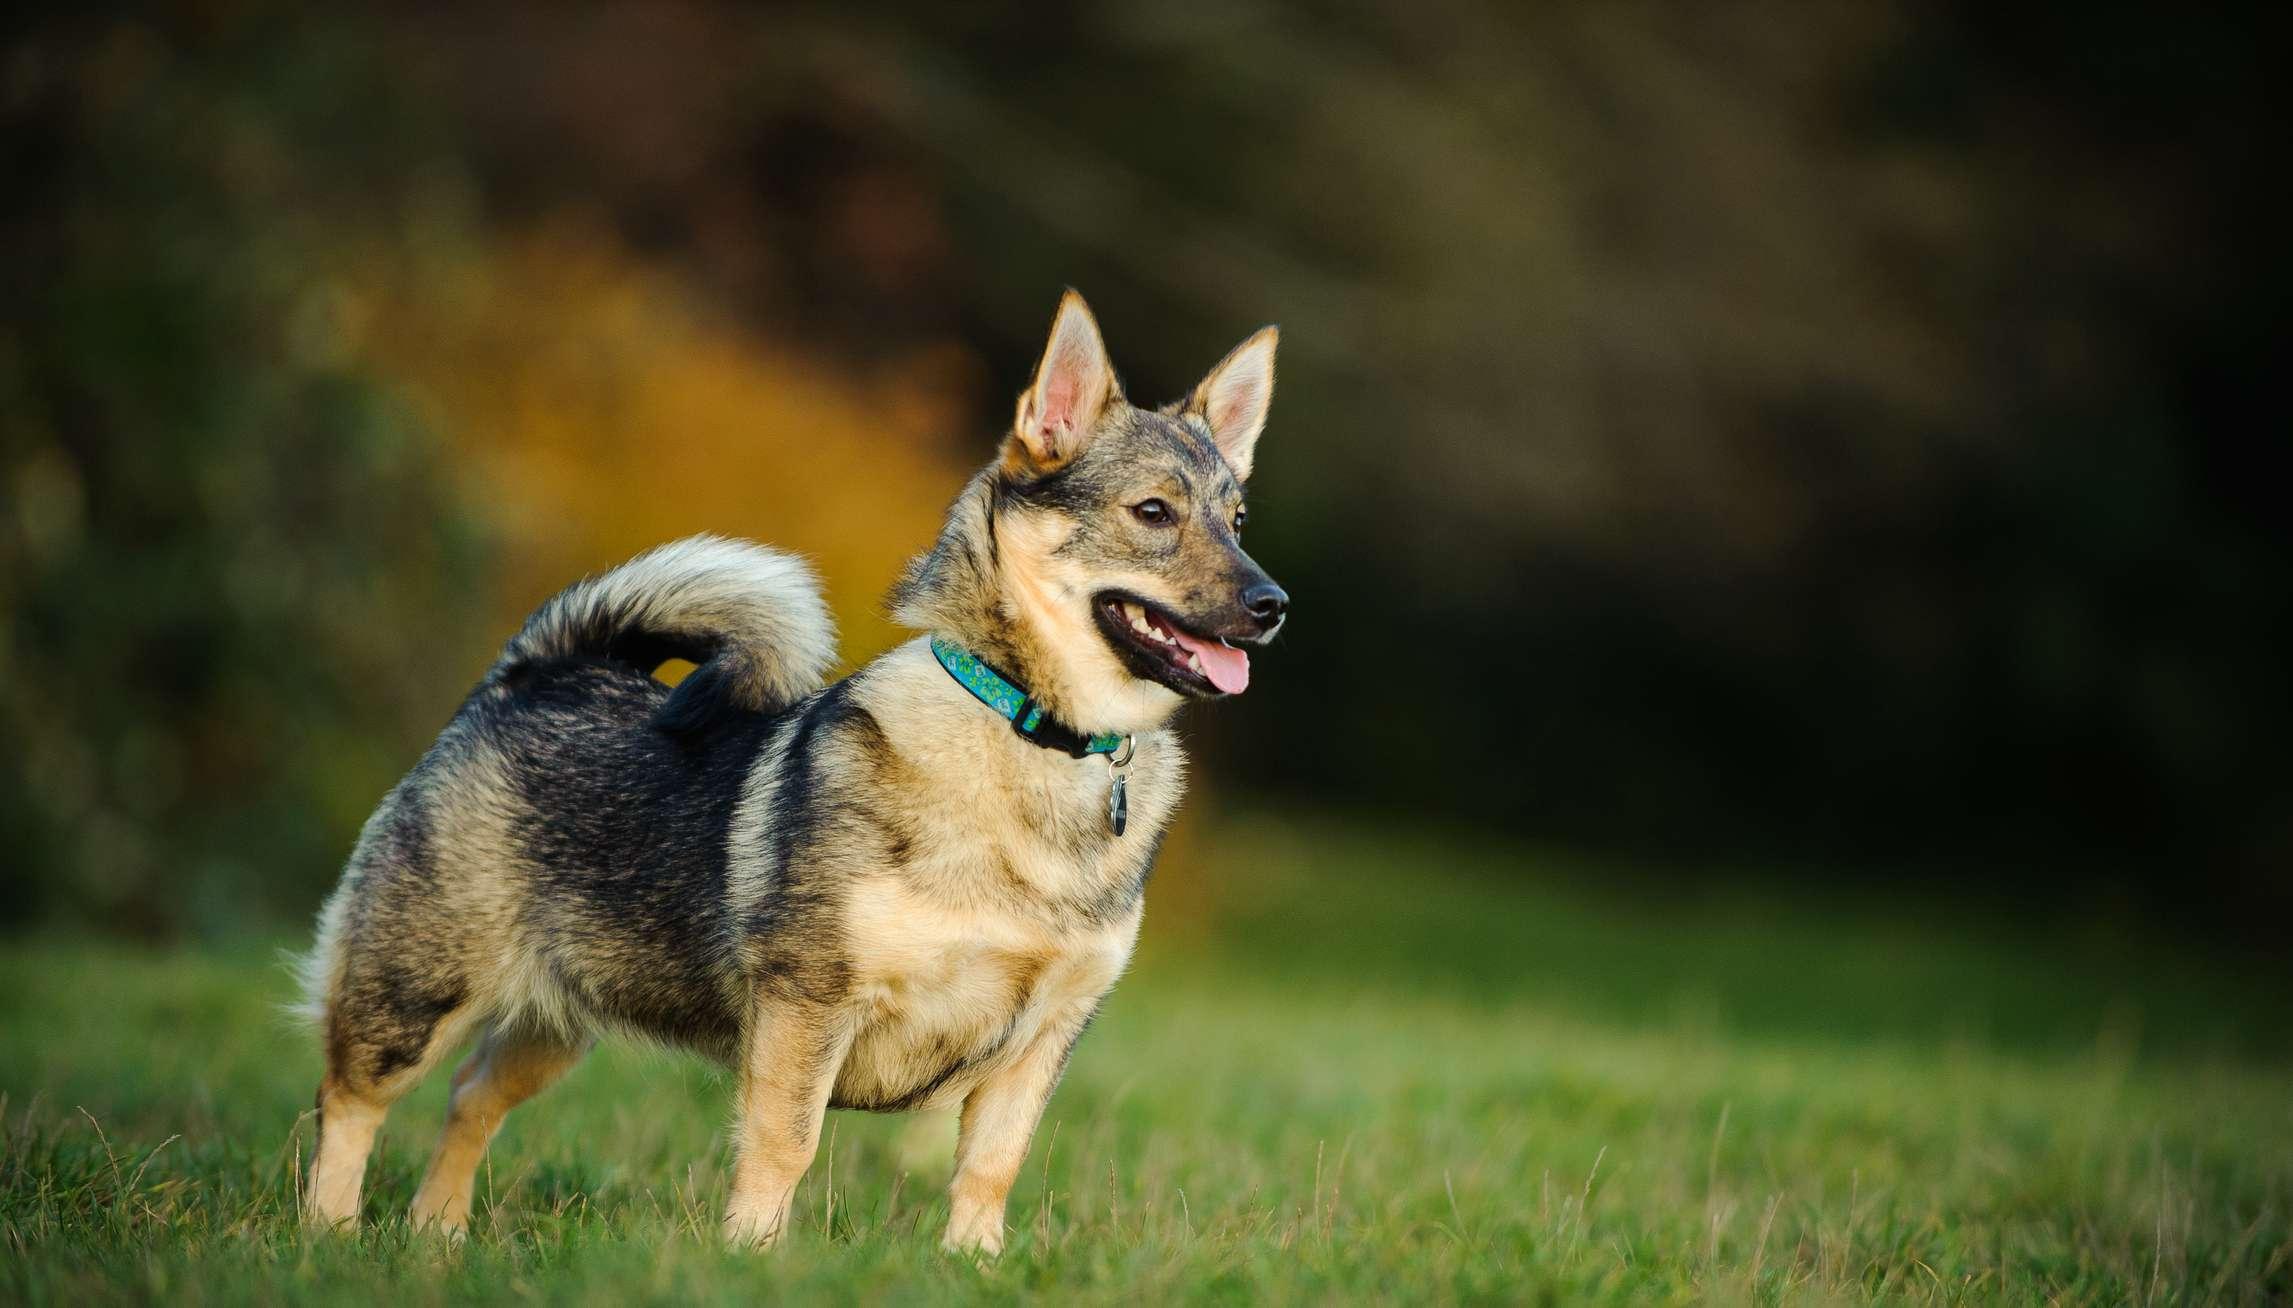 Swedish vallhund in field